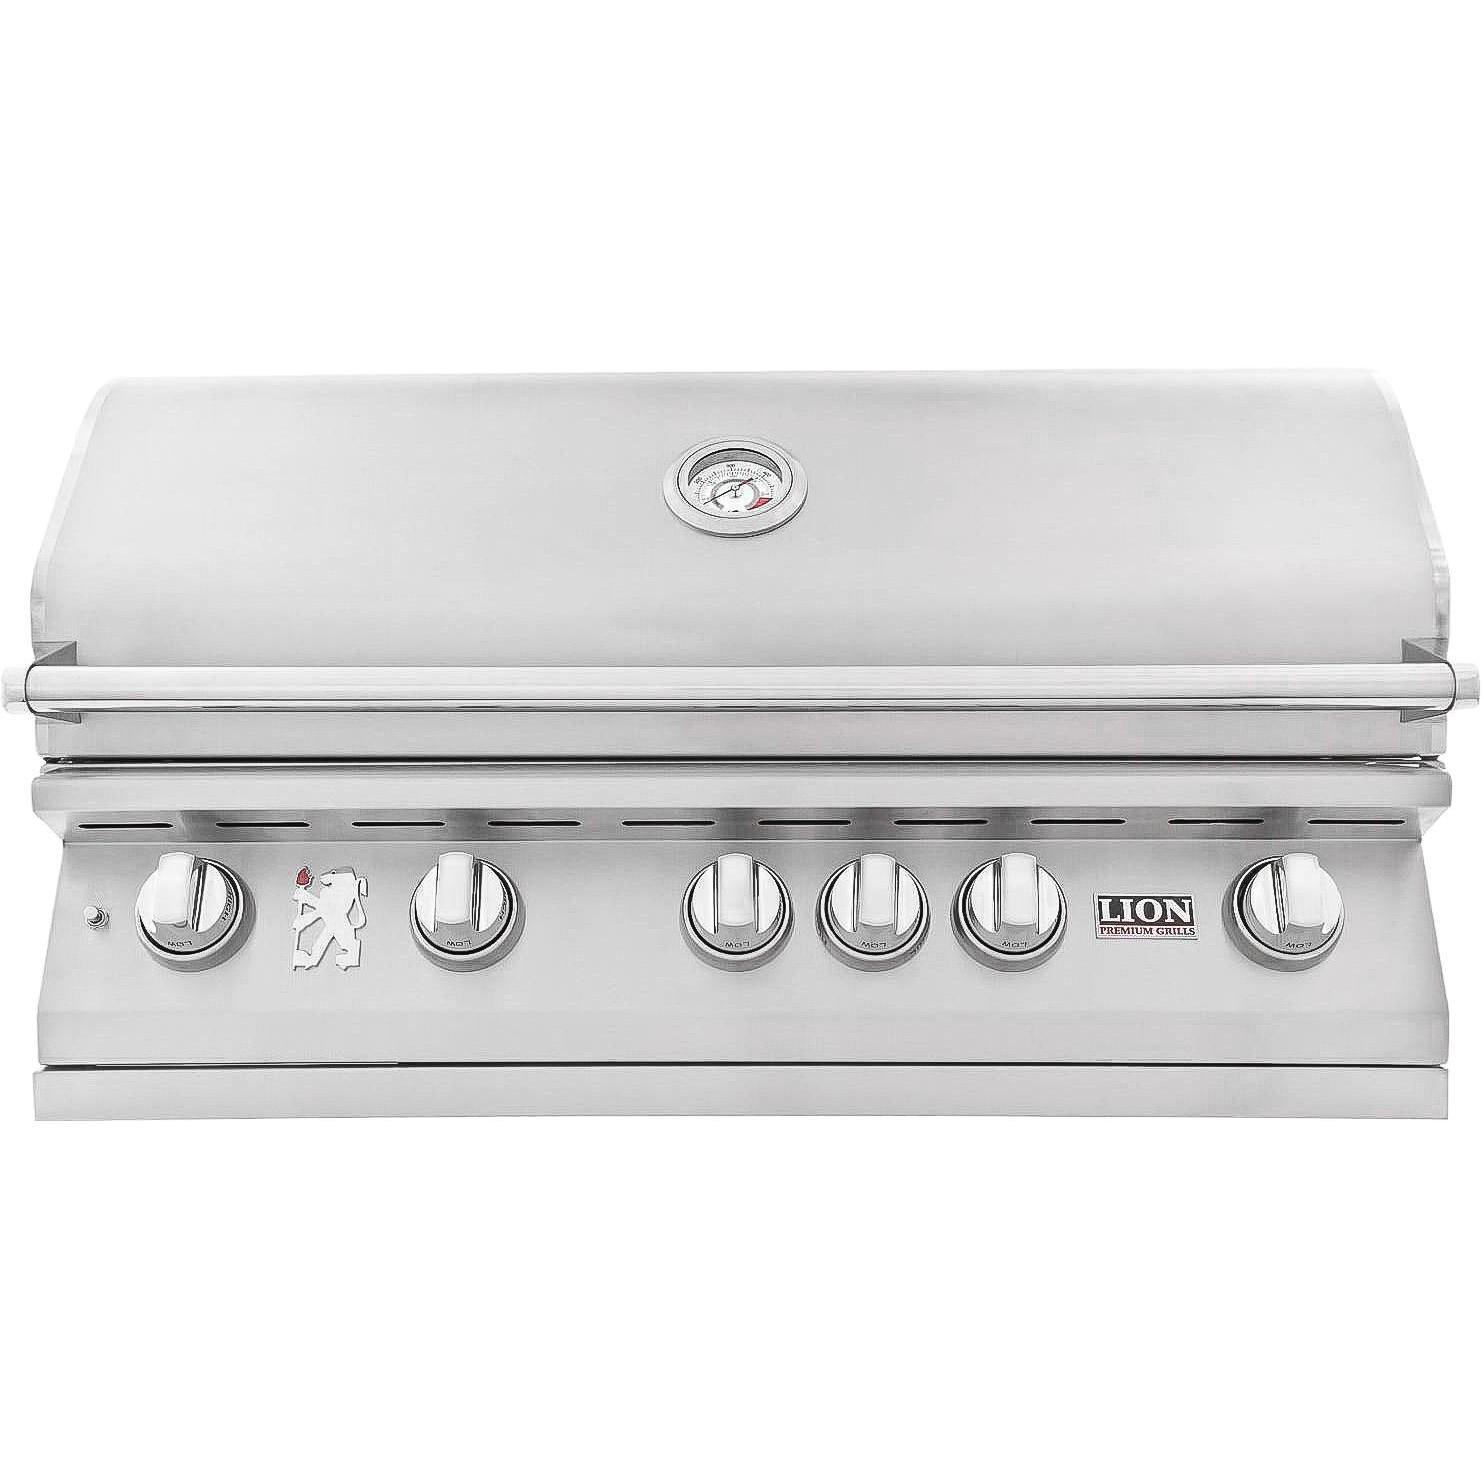 3. Lion Premium Grills 90823 40